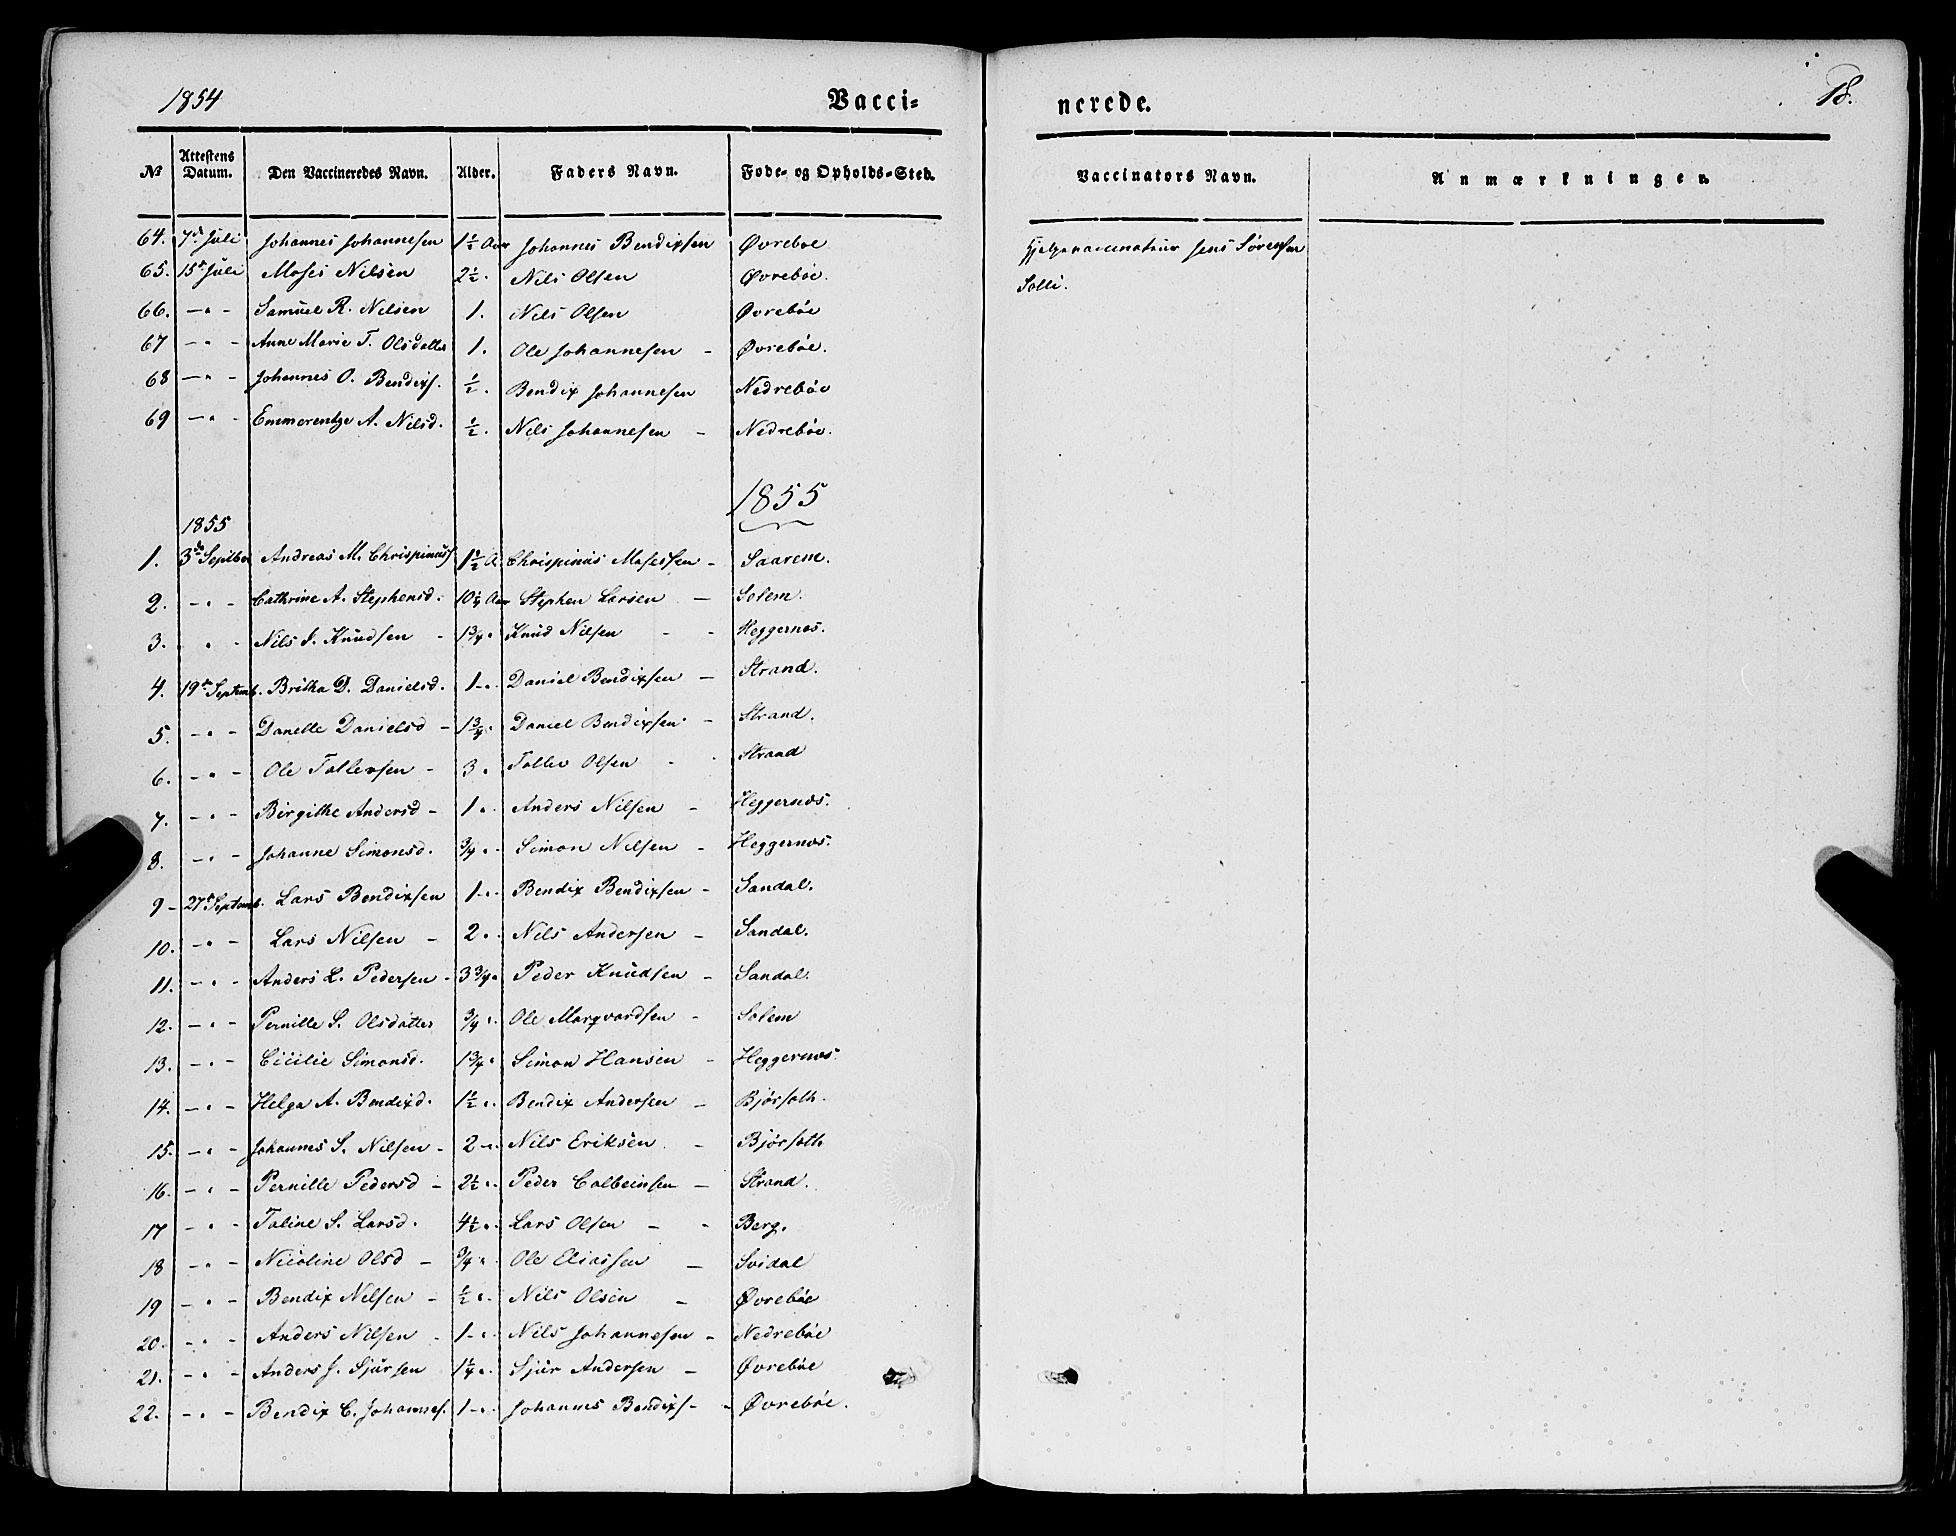 SAB, Jølster sokneprestembete, H/Haa/Haaa/L0010: Ministerialbok nr. A 10, 1847-1865, s. 18